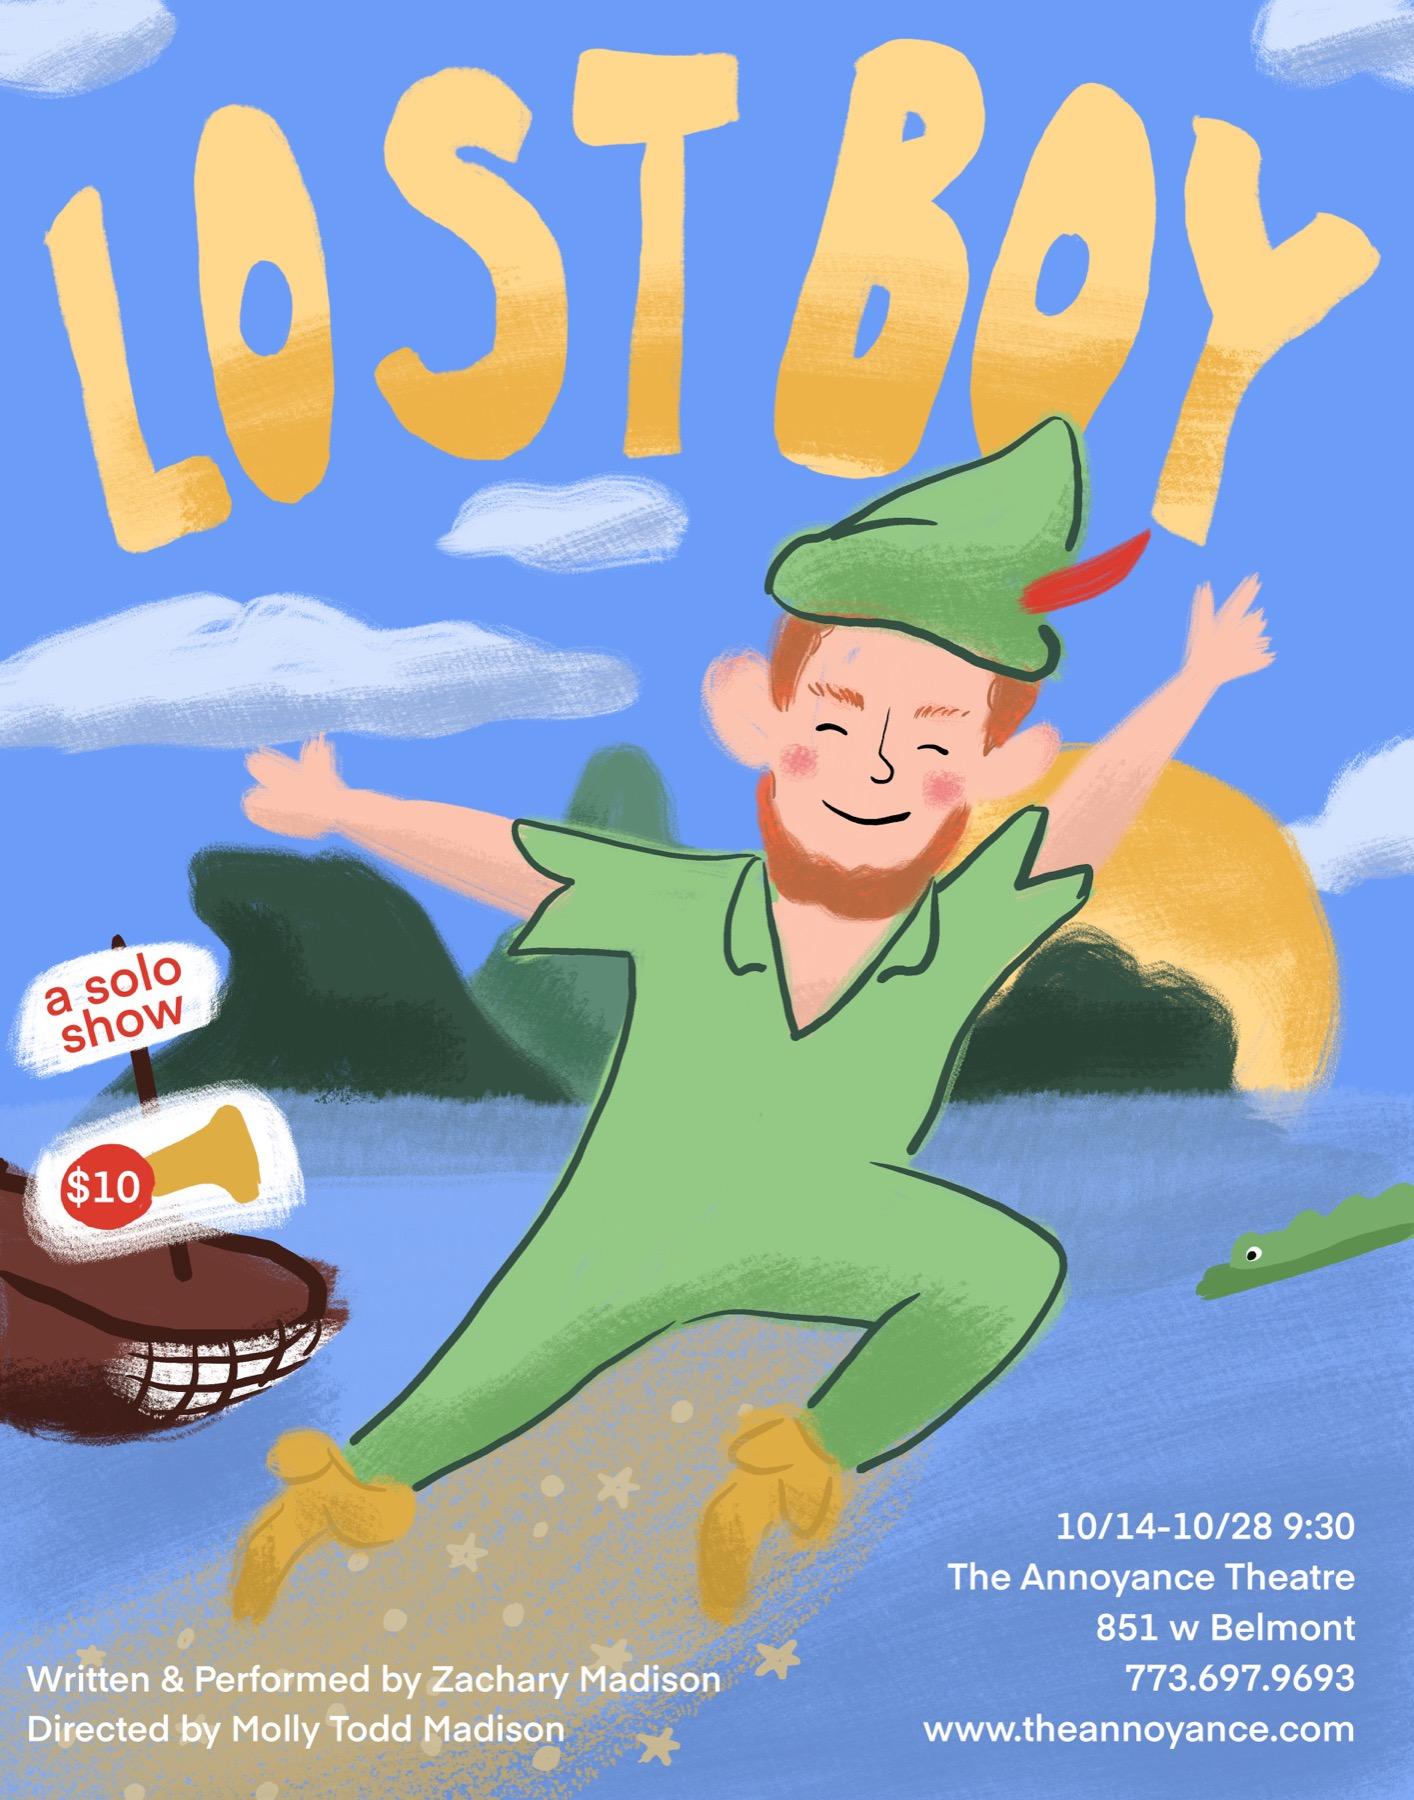 Lost Boy: A Solo Show